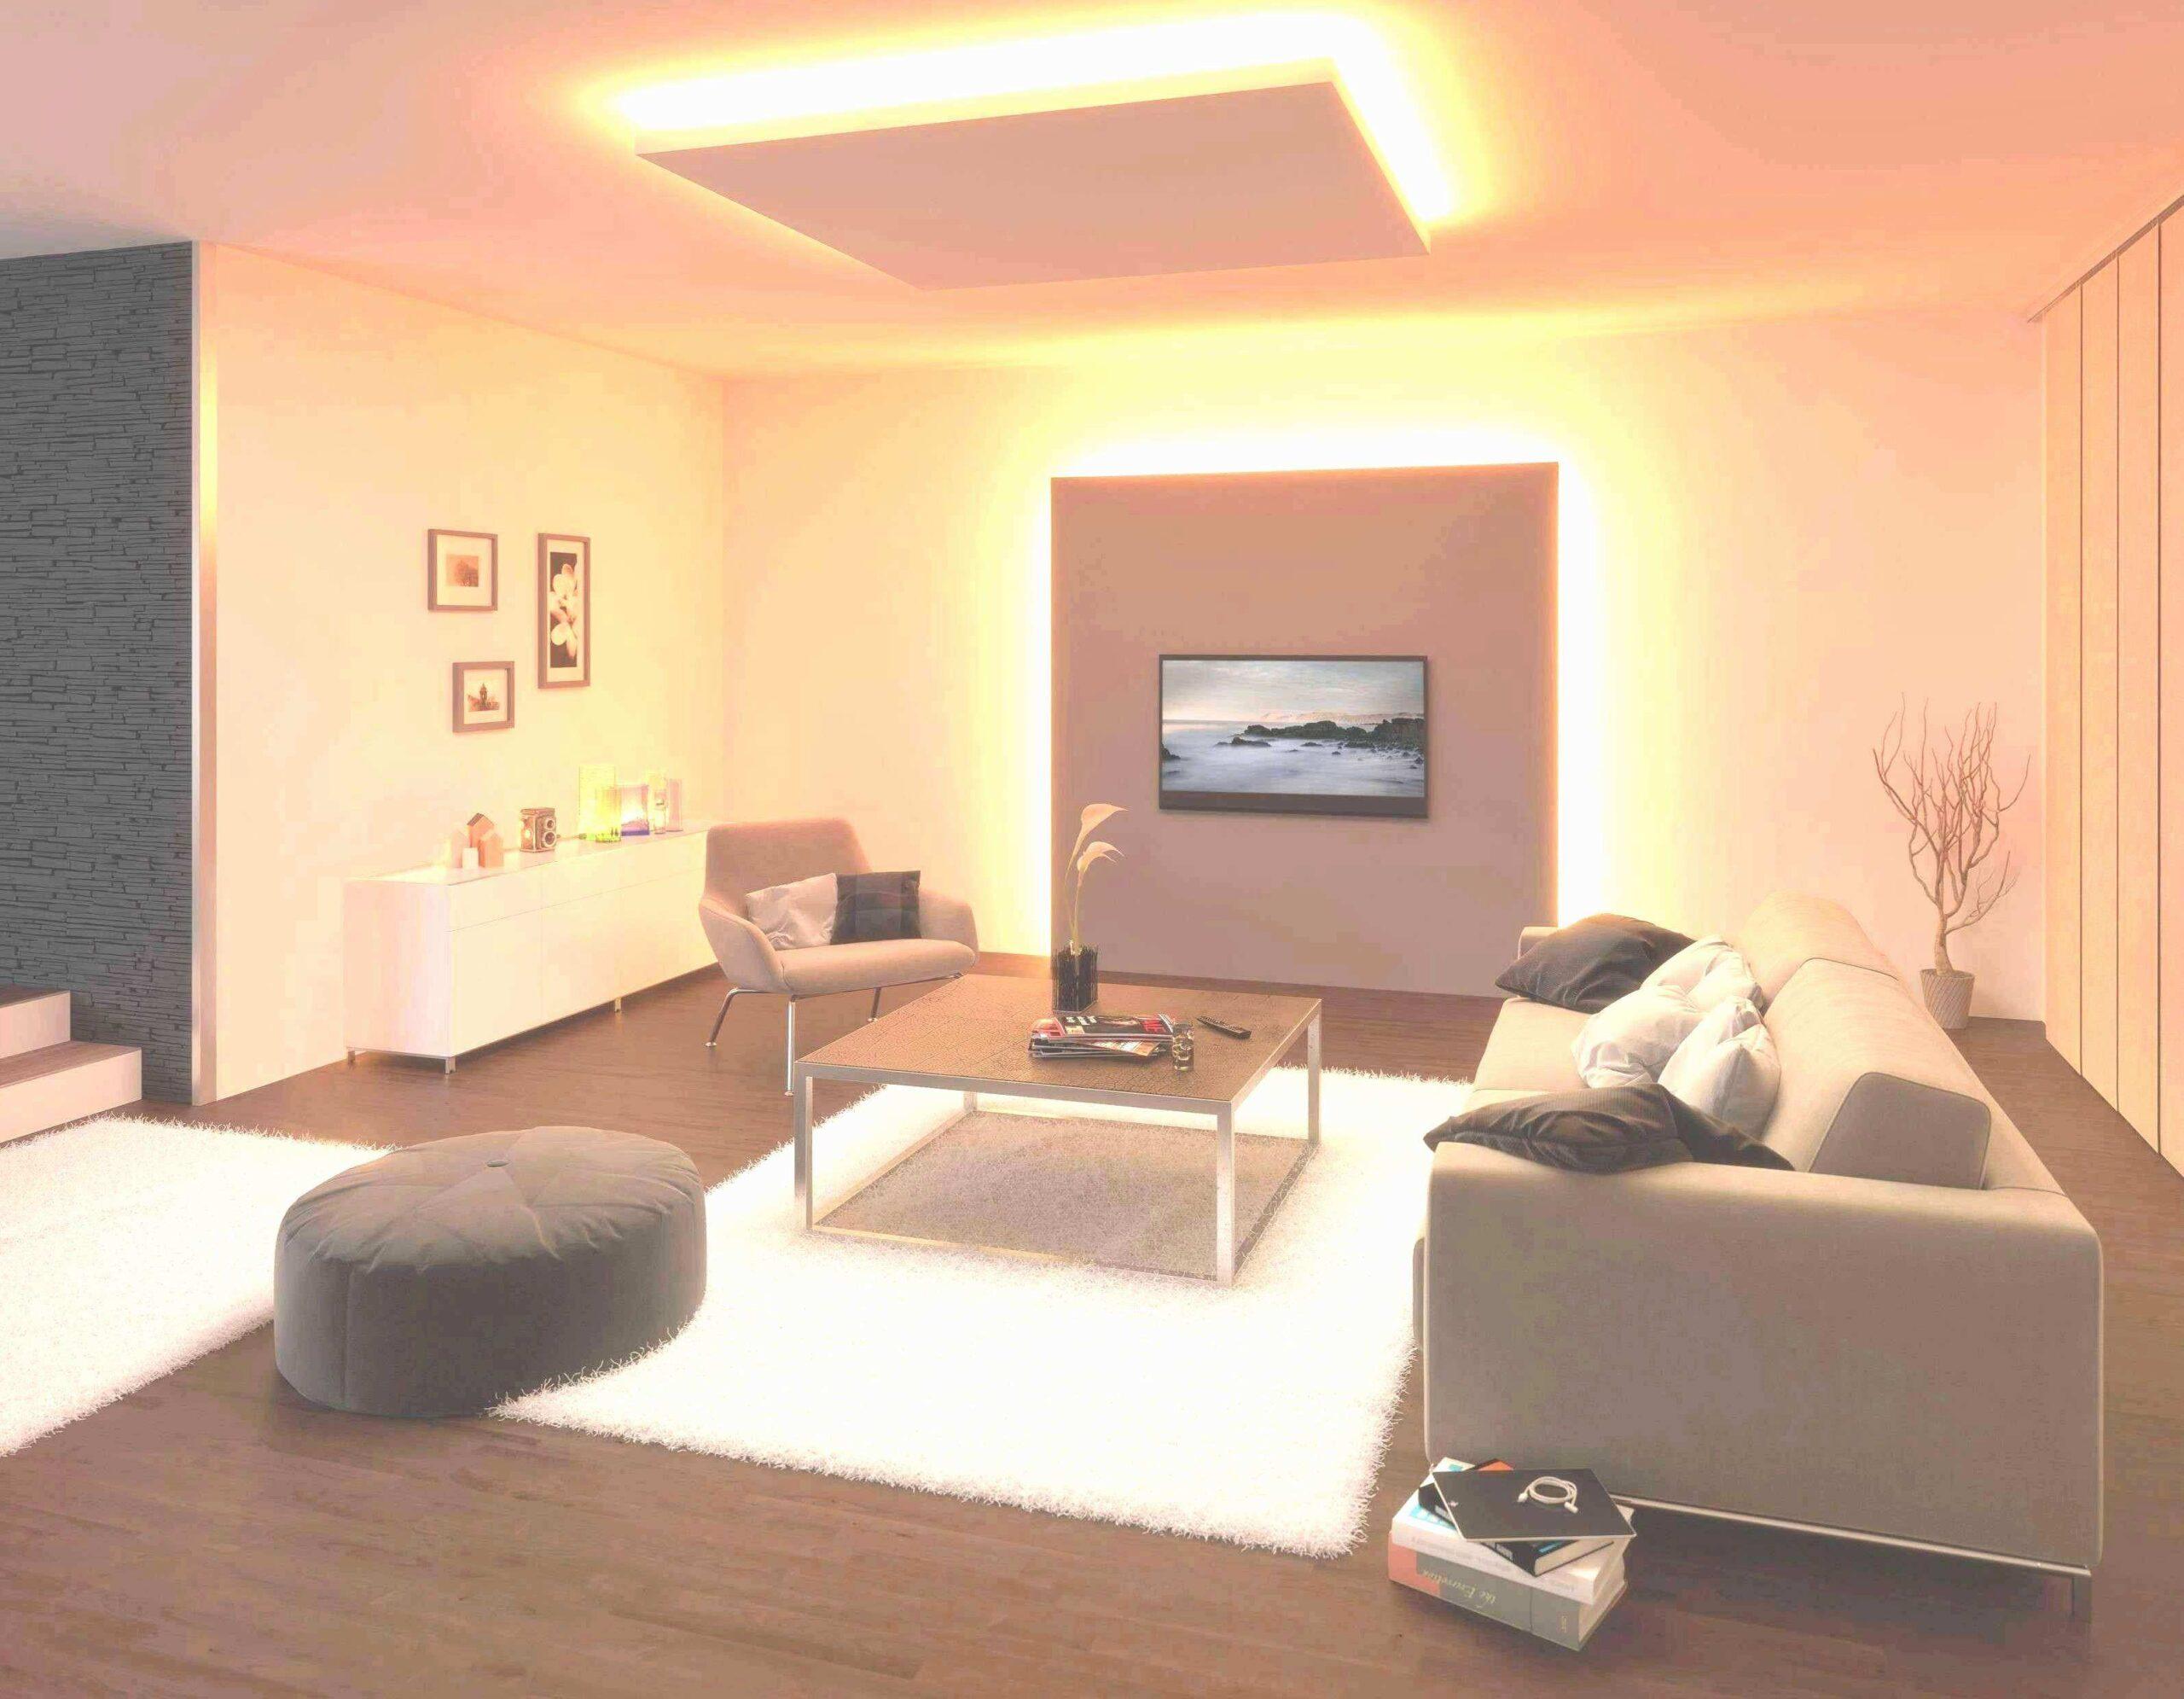 Full Size of Deckenleuchte Led Wohnzimmer Deckenleuchten Bilder Dimmbar Obi Farbwechsel Einbau Poco Amazon Wohnzimmerlampe Wohnzimmerleuchten Das Beste Von Reizend Wohnzimmer Deckenleuchte Led Wohnzimmer